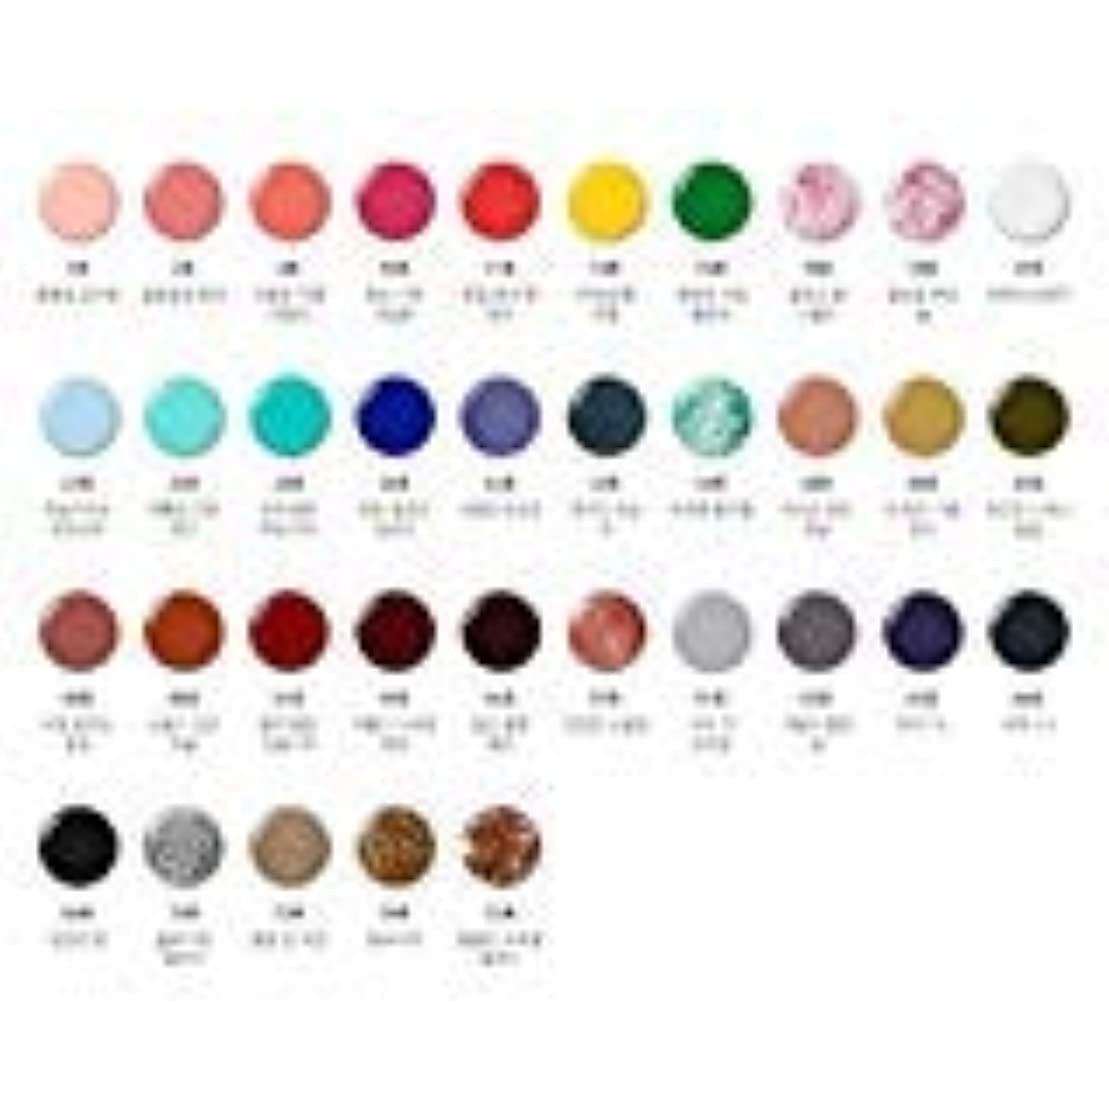 不忠トイレライド[イニスフリー.innisfree]リアルカラーネイル6mL(2019 new)/ Real Color Nail_美しい自然からインスピレーションを受けた鮮やかなカラー感の高発色高光沢ネイルカラー (#23)